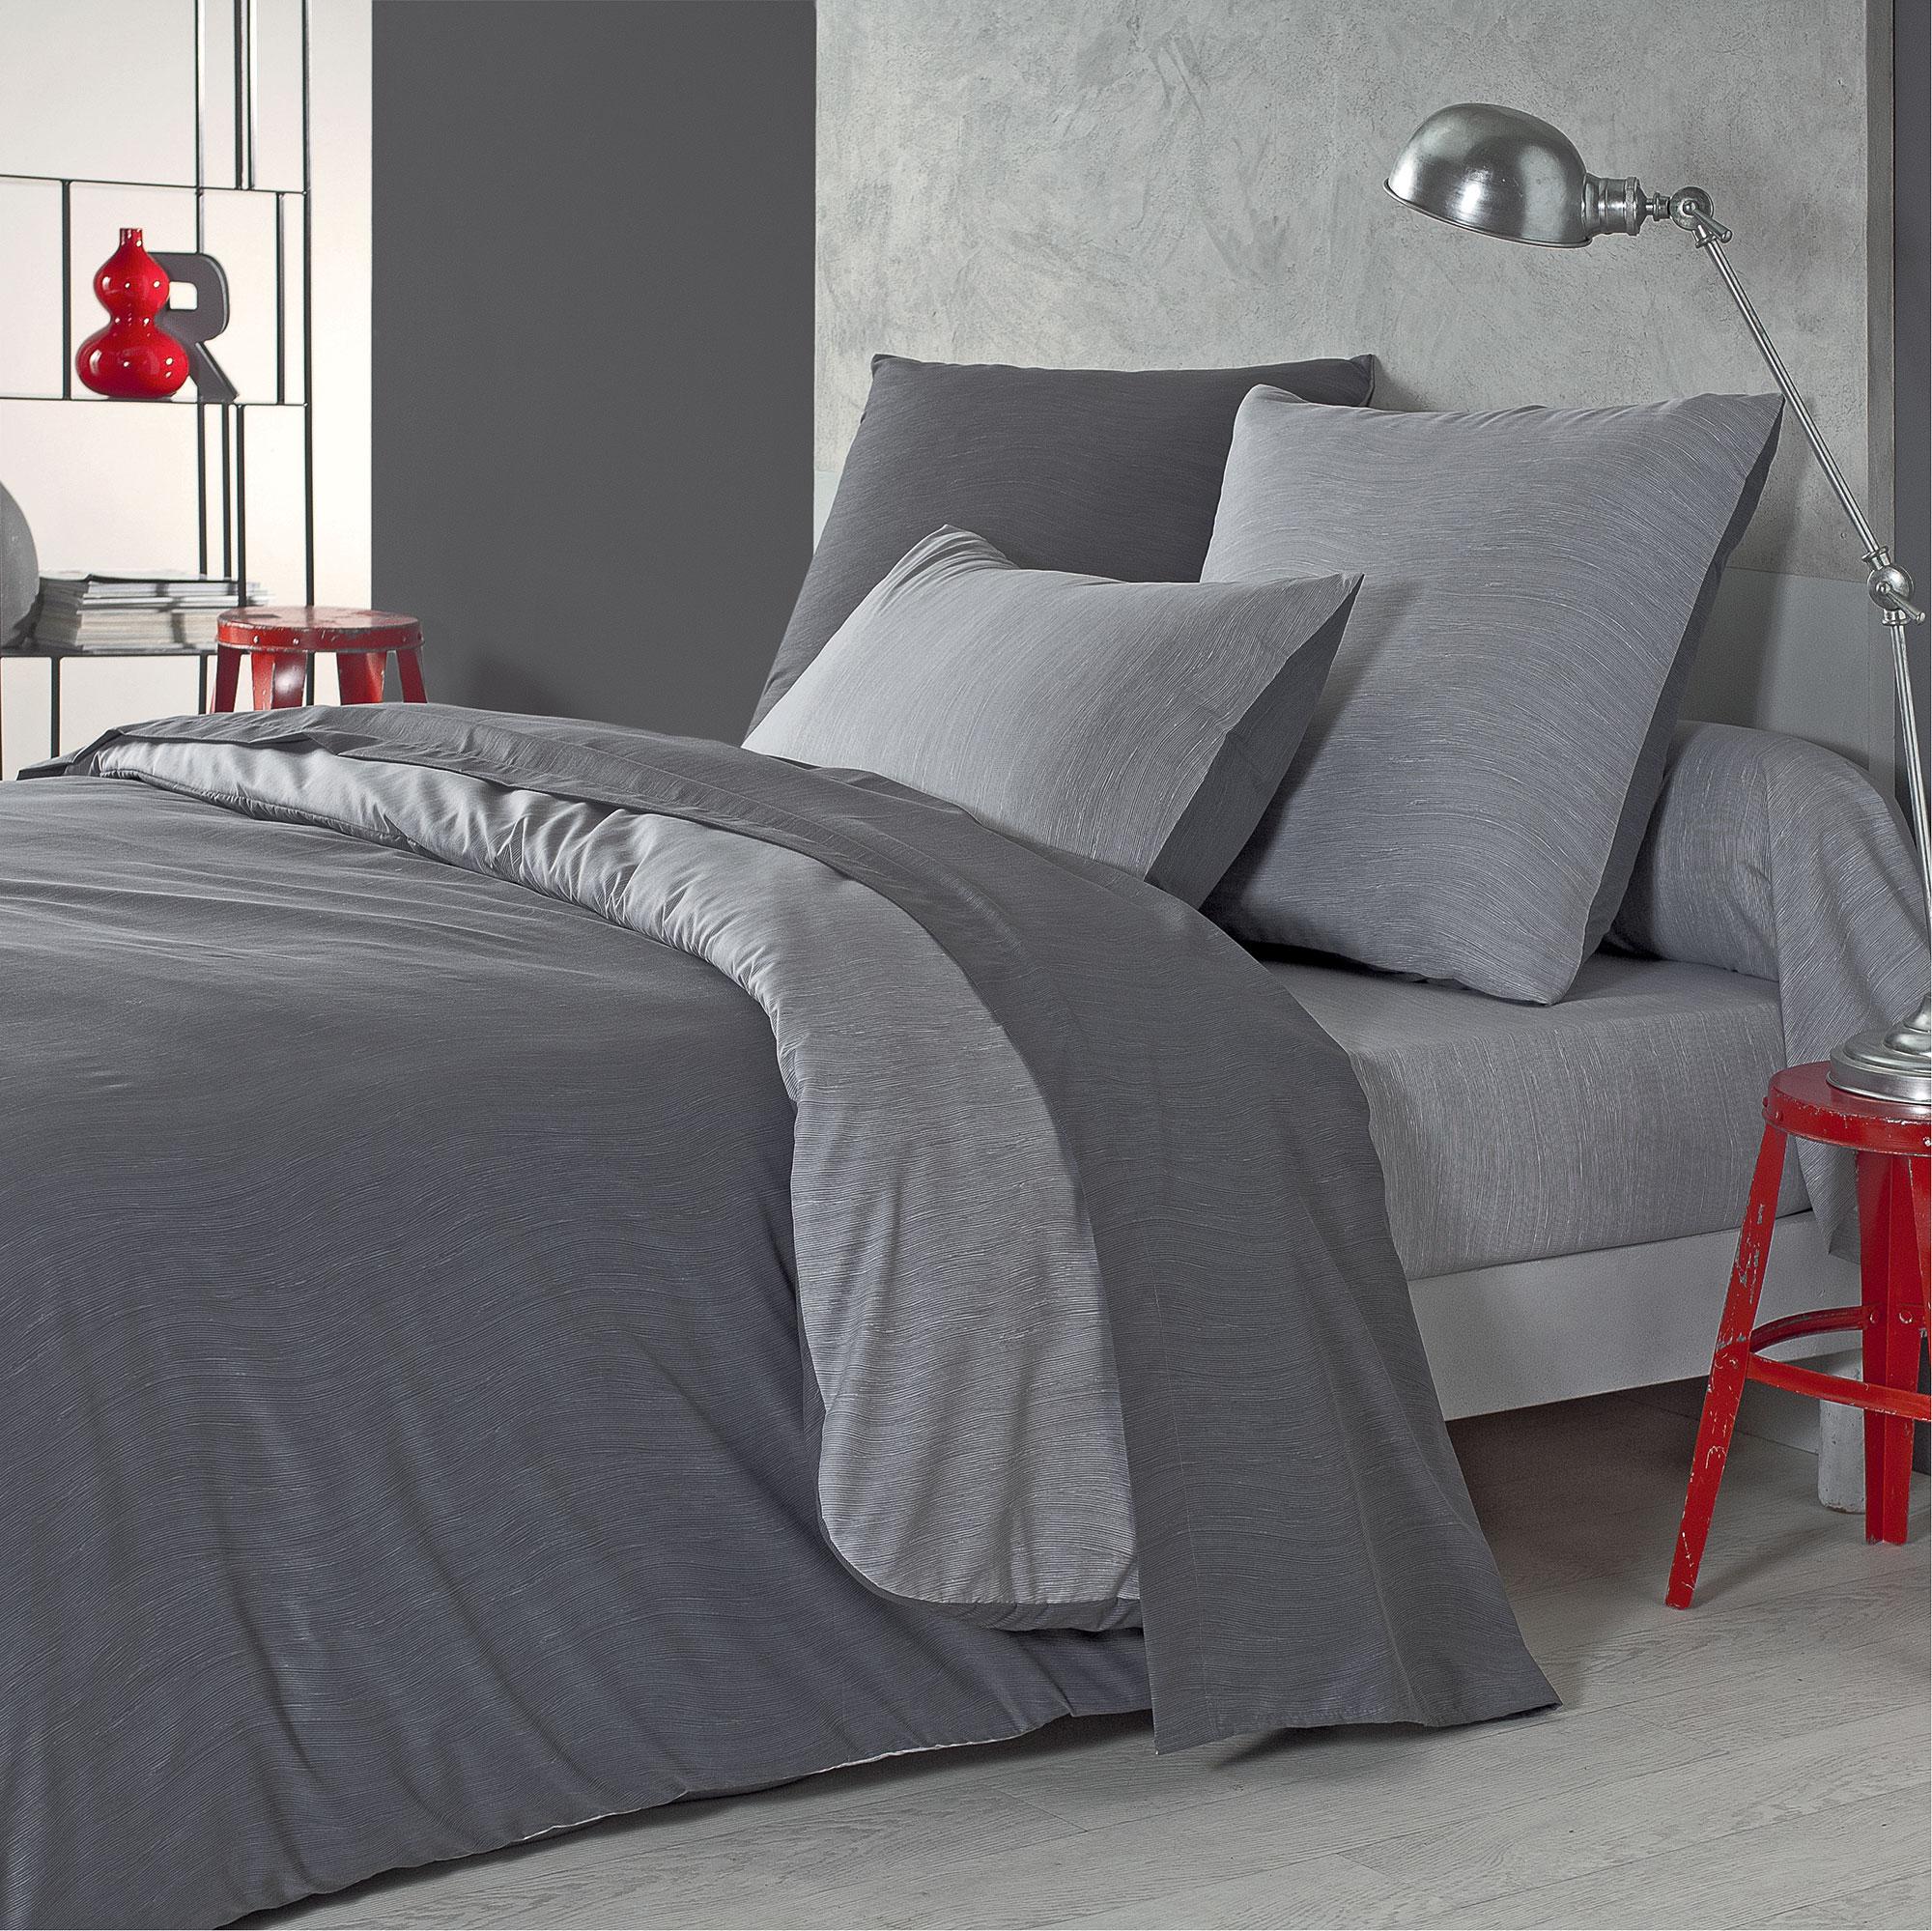 Housse de couette bicolore en polyester gris 140x200